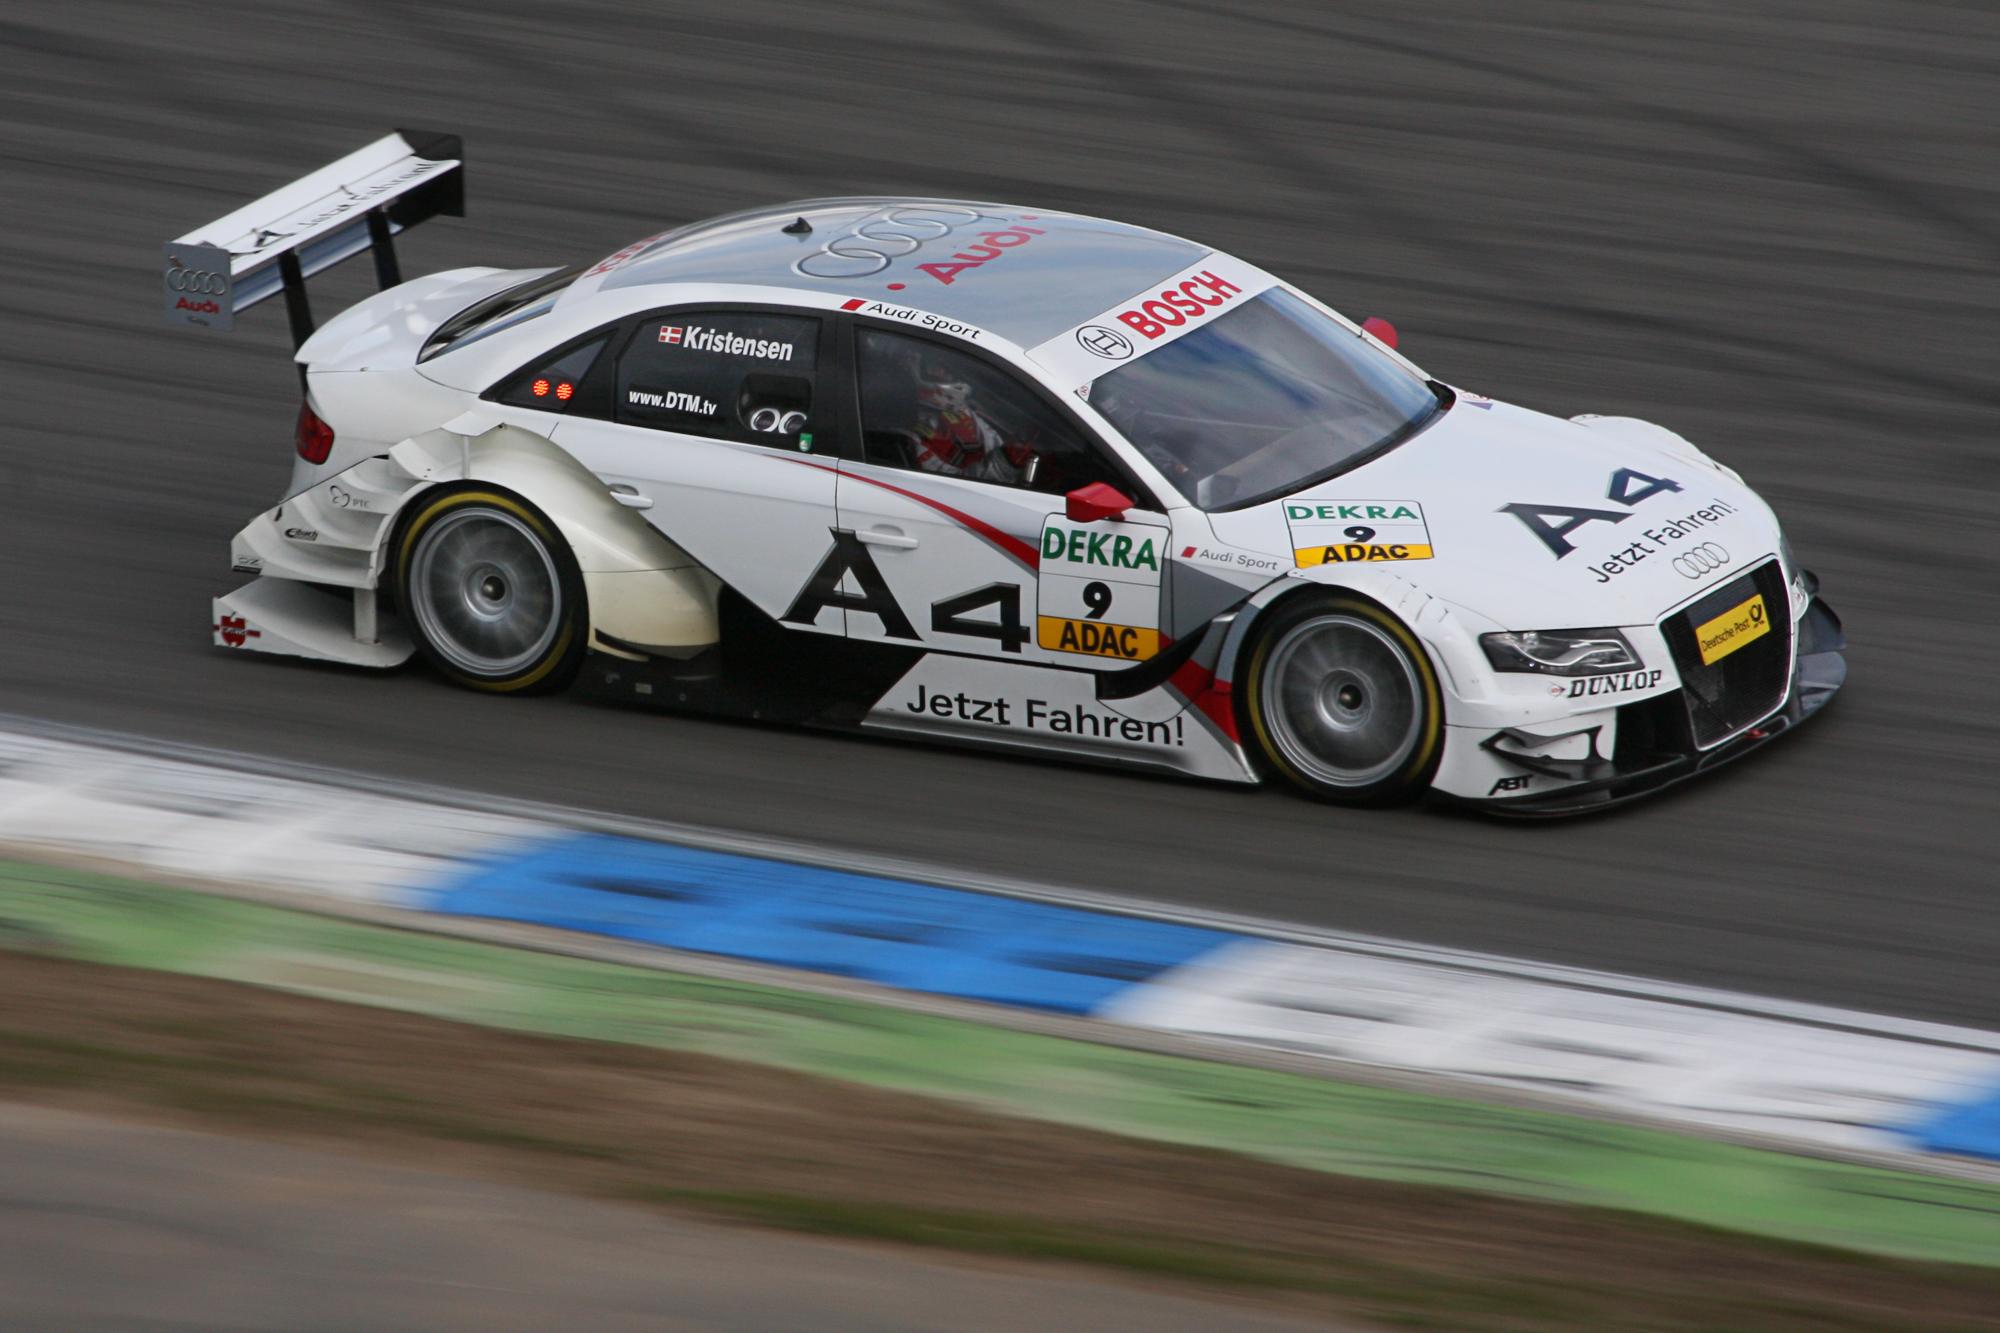 Kristensen viste seg også å være en solid sjåfør i DTM-serien.